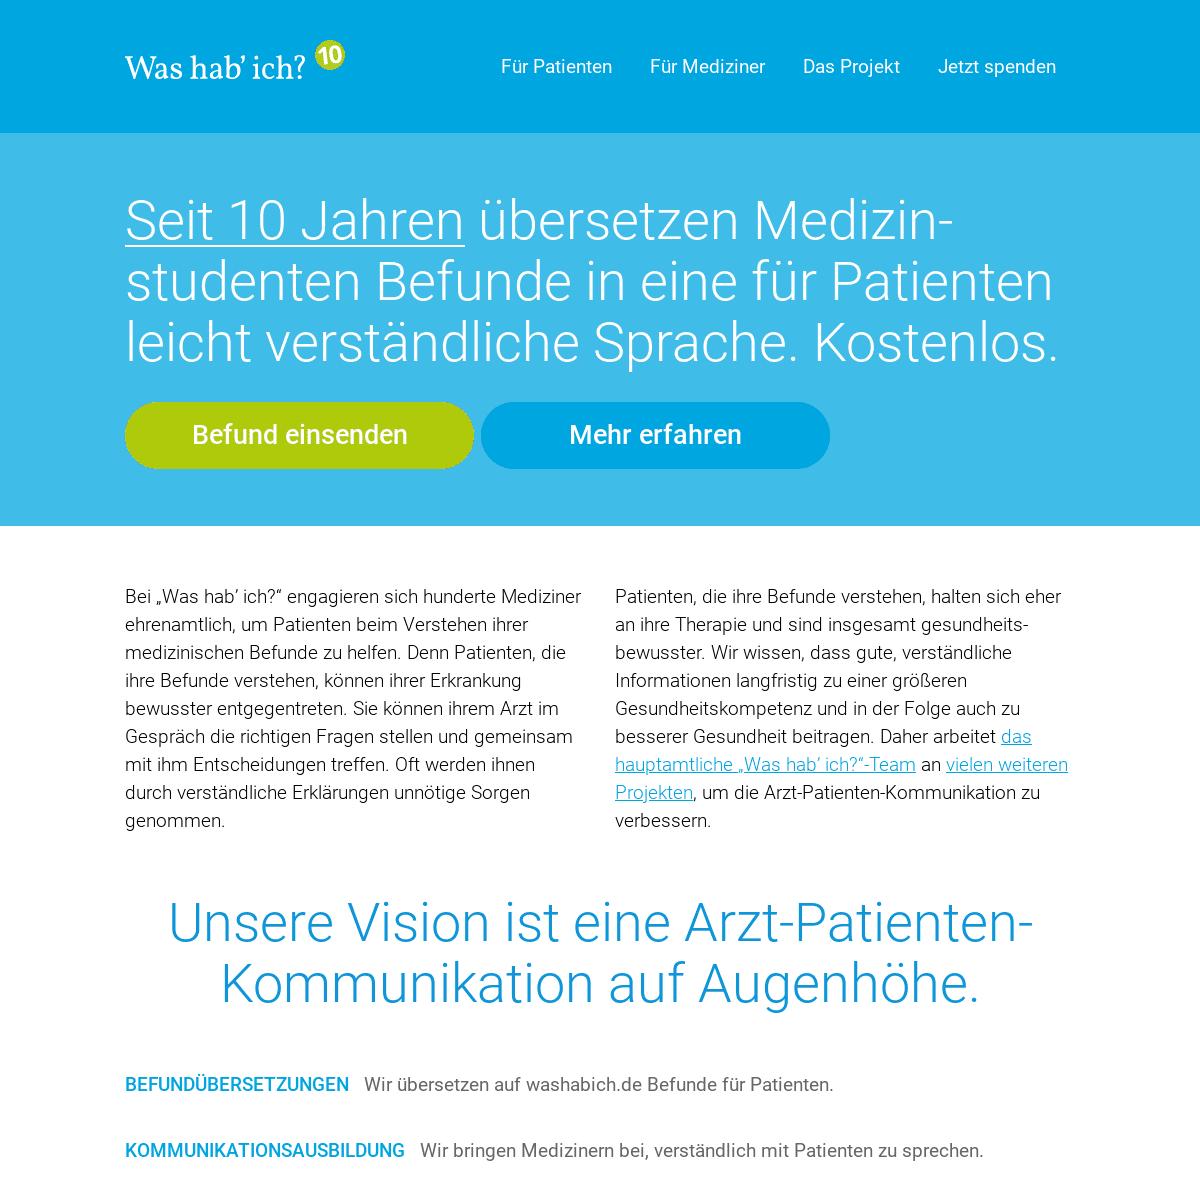 Medizinische Befunde kostenlos übersetzen - Was hab' ich-